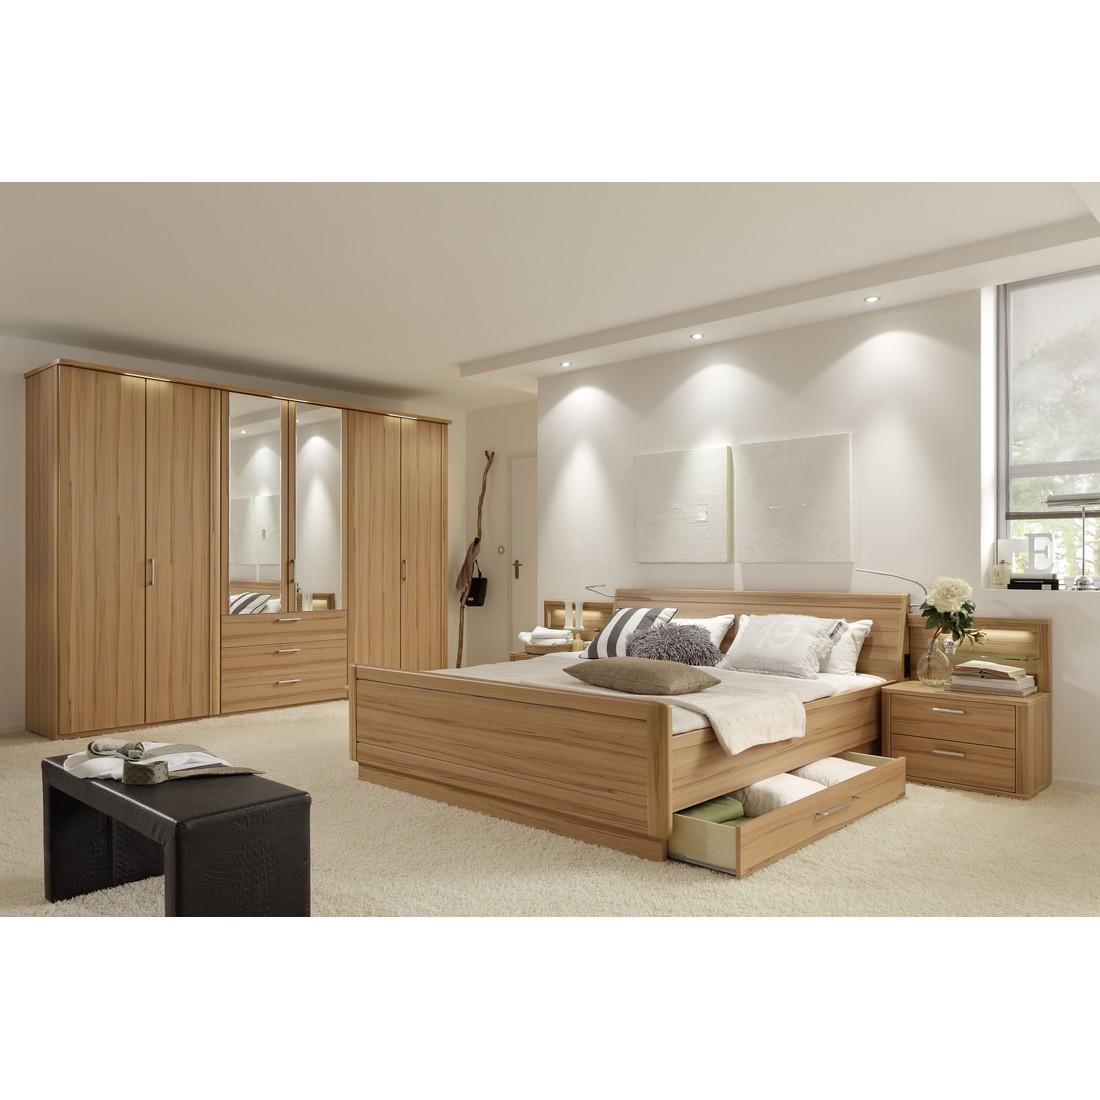 Schlafzimmer Moreno – Echtholz funier – Braunkernbuche – 160×200, Loddenkemper jetzt bestellen